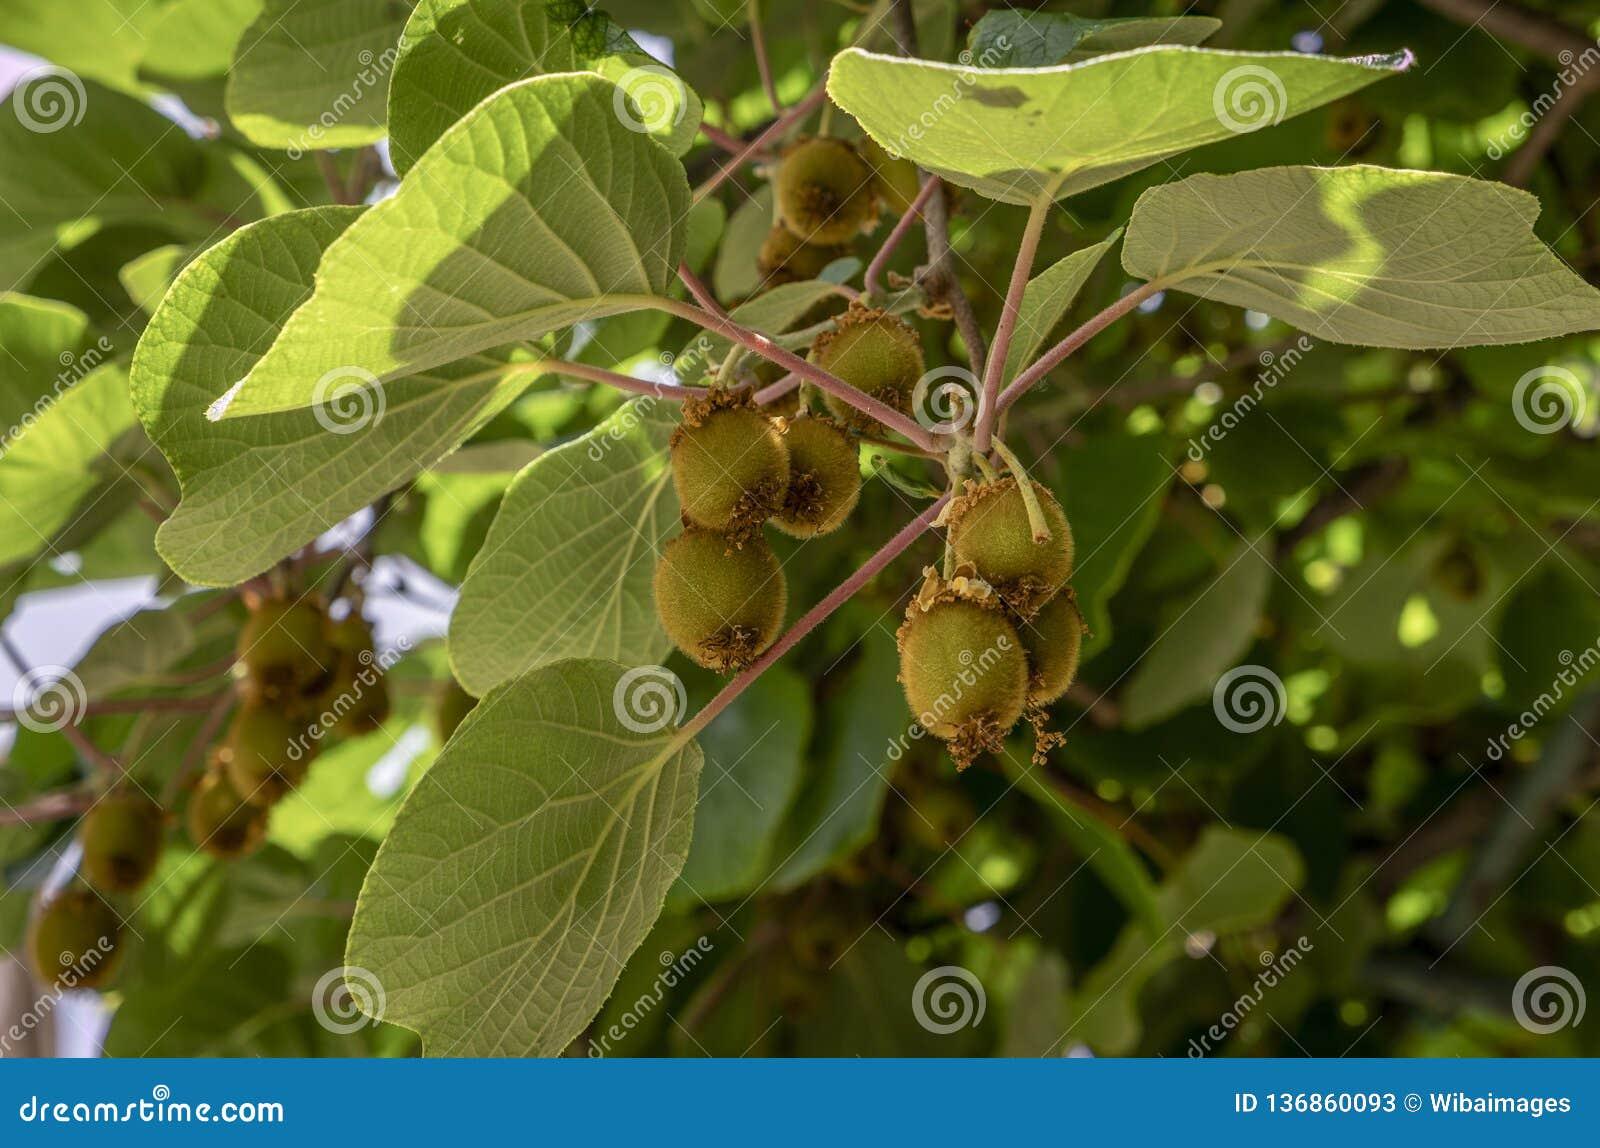 Kiwi Fruit, Actinidia deliciosa